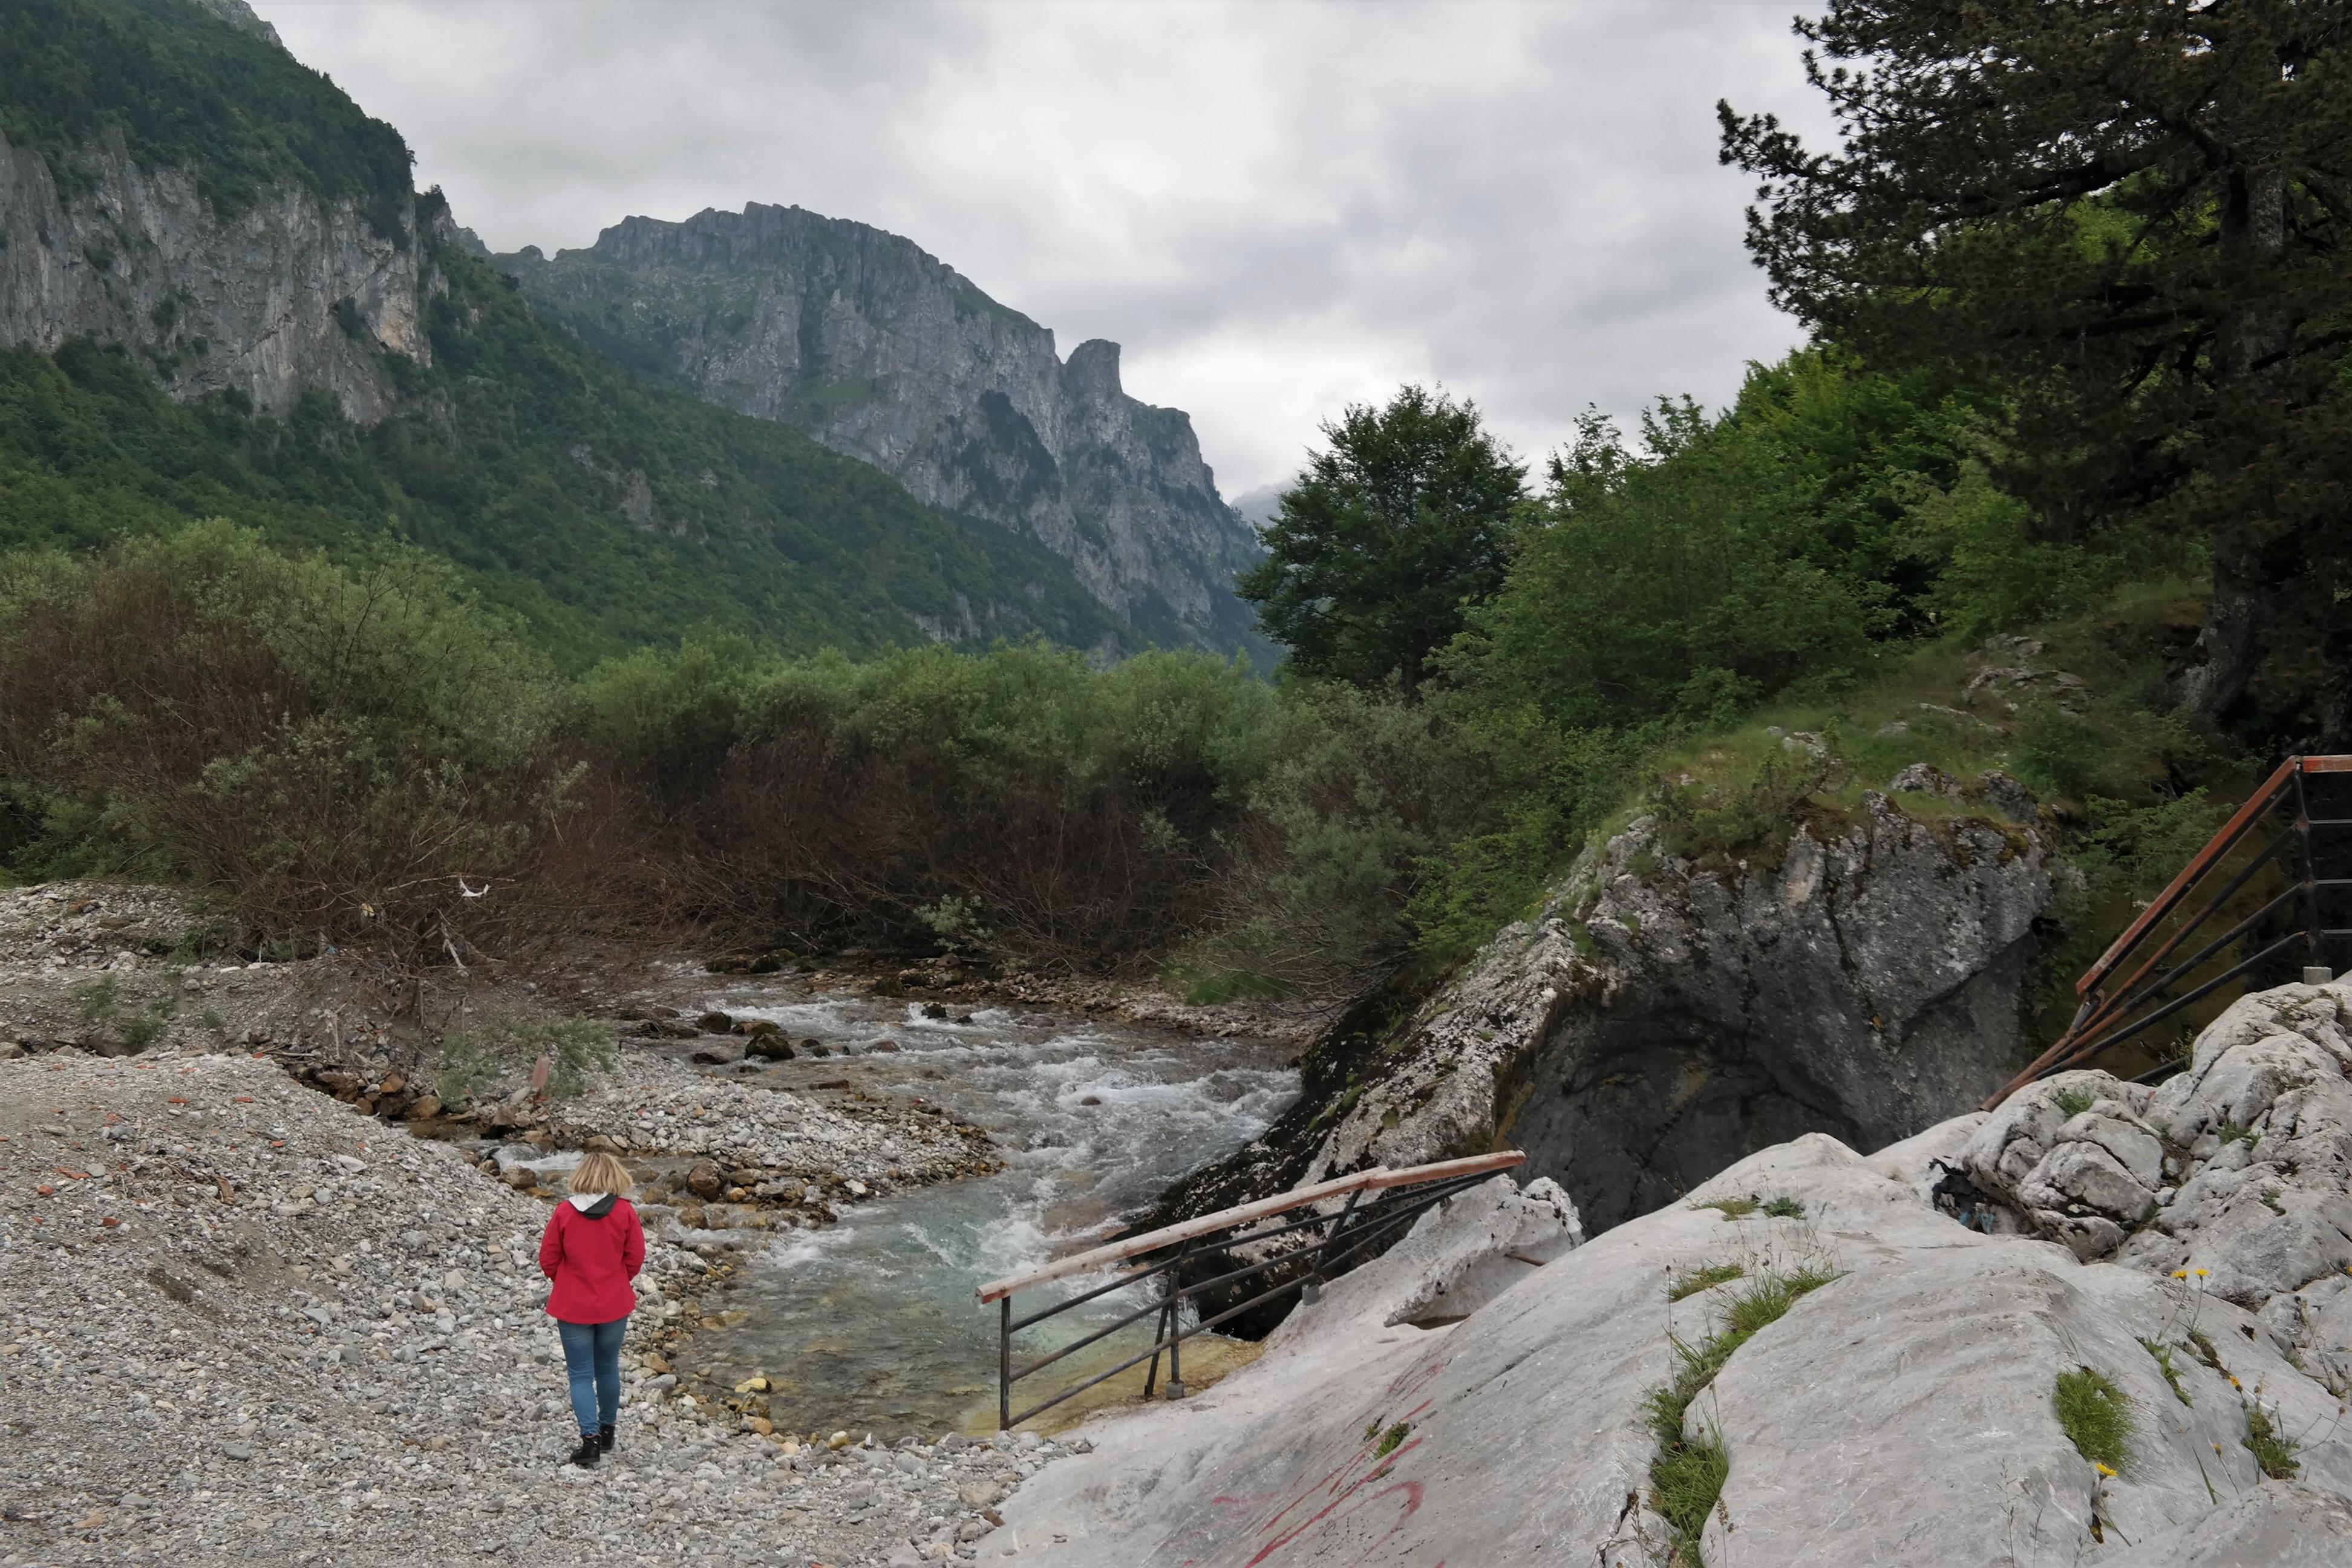 Grlja Wasserfall